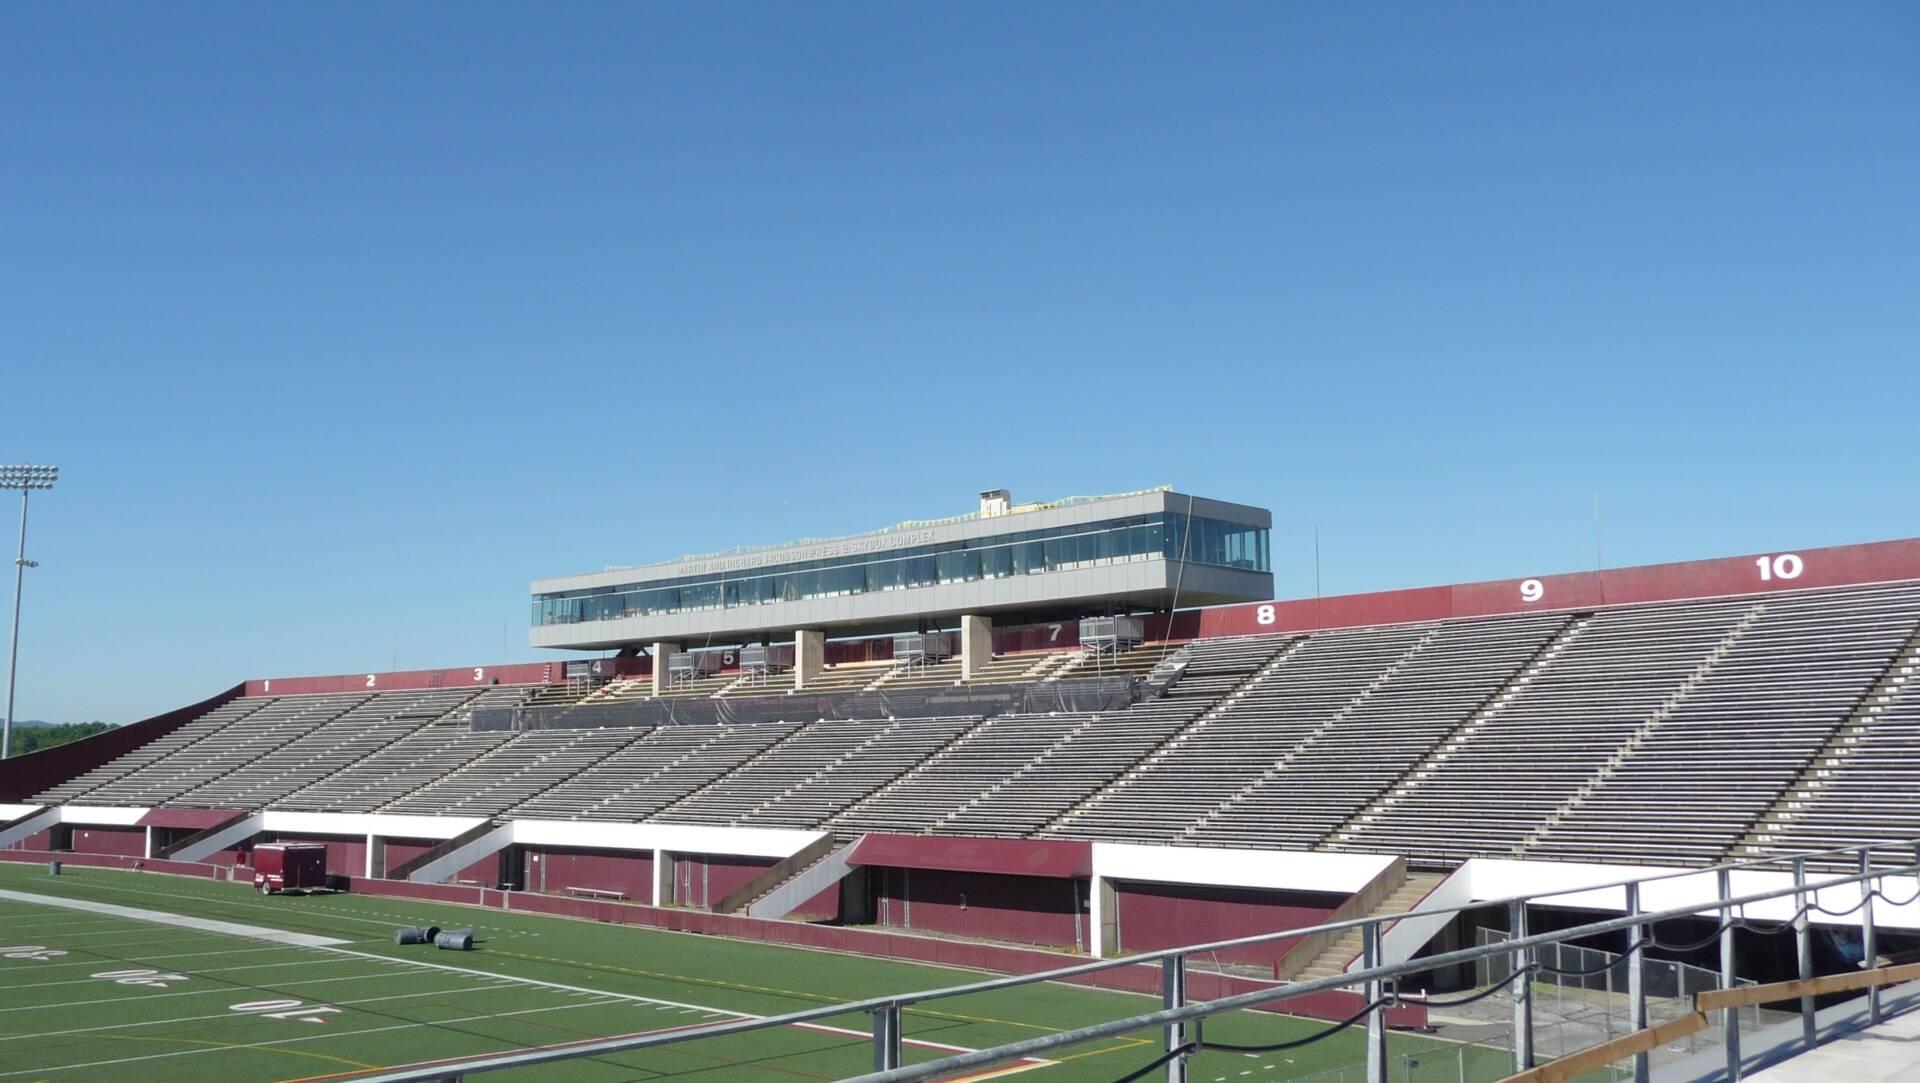 UMass Amherst Football Performance Center